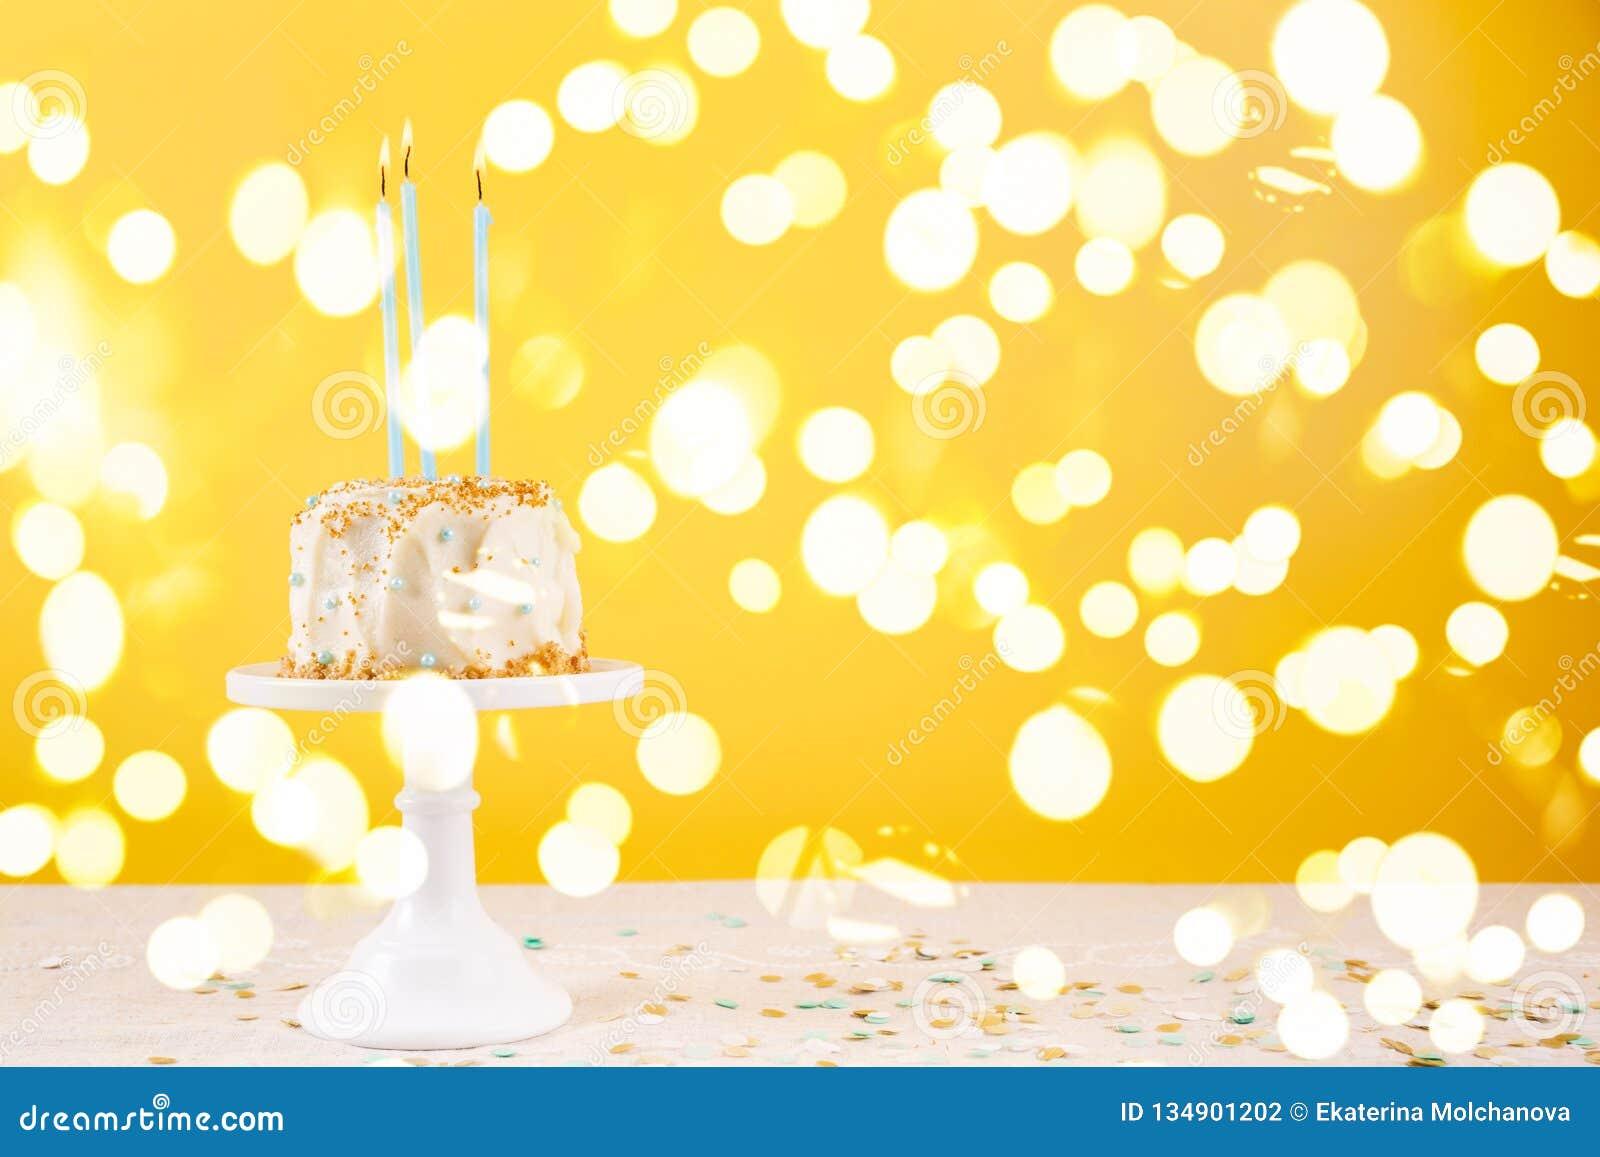 Gâteau d anniversaire avec des bougies Concept de célébration de fête d anniversaire